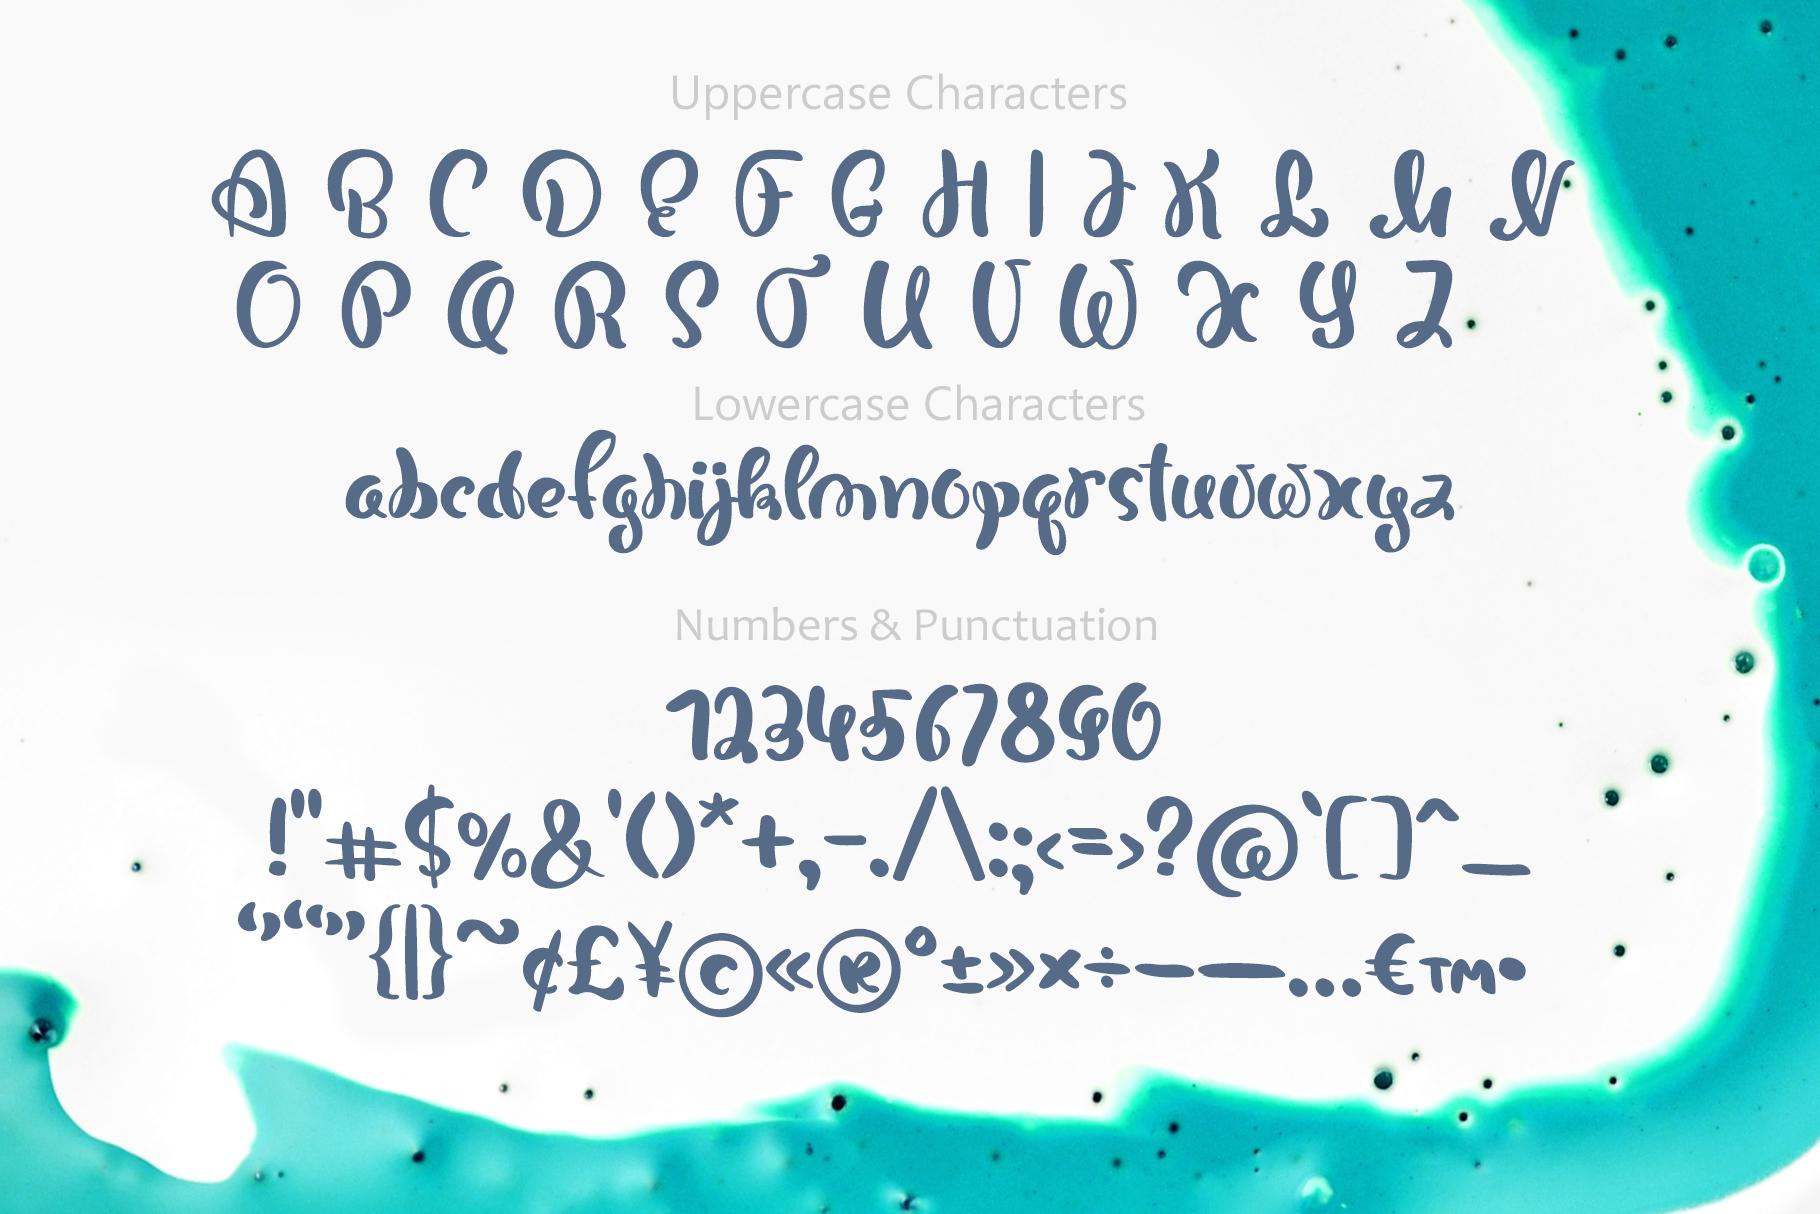 Bonjour Tall Handwritten Font 2020 - title05 4